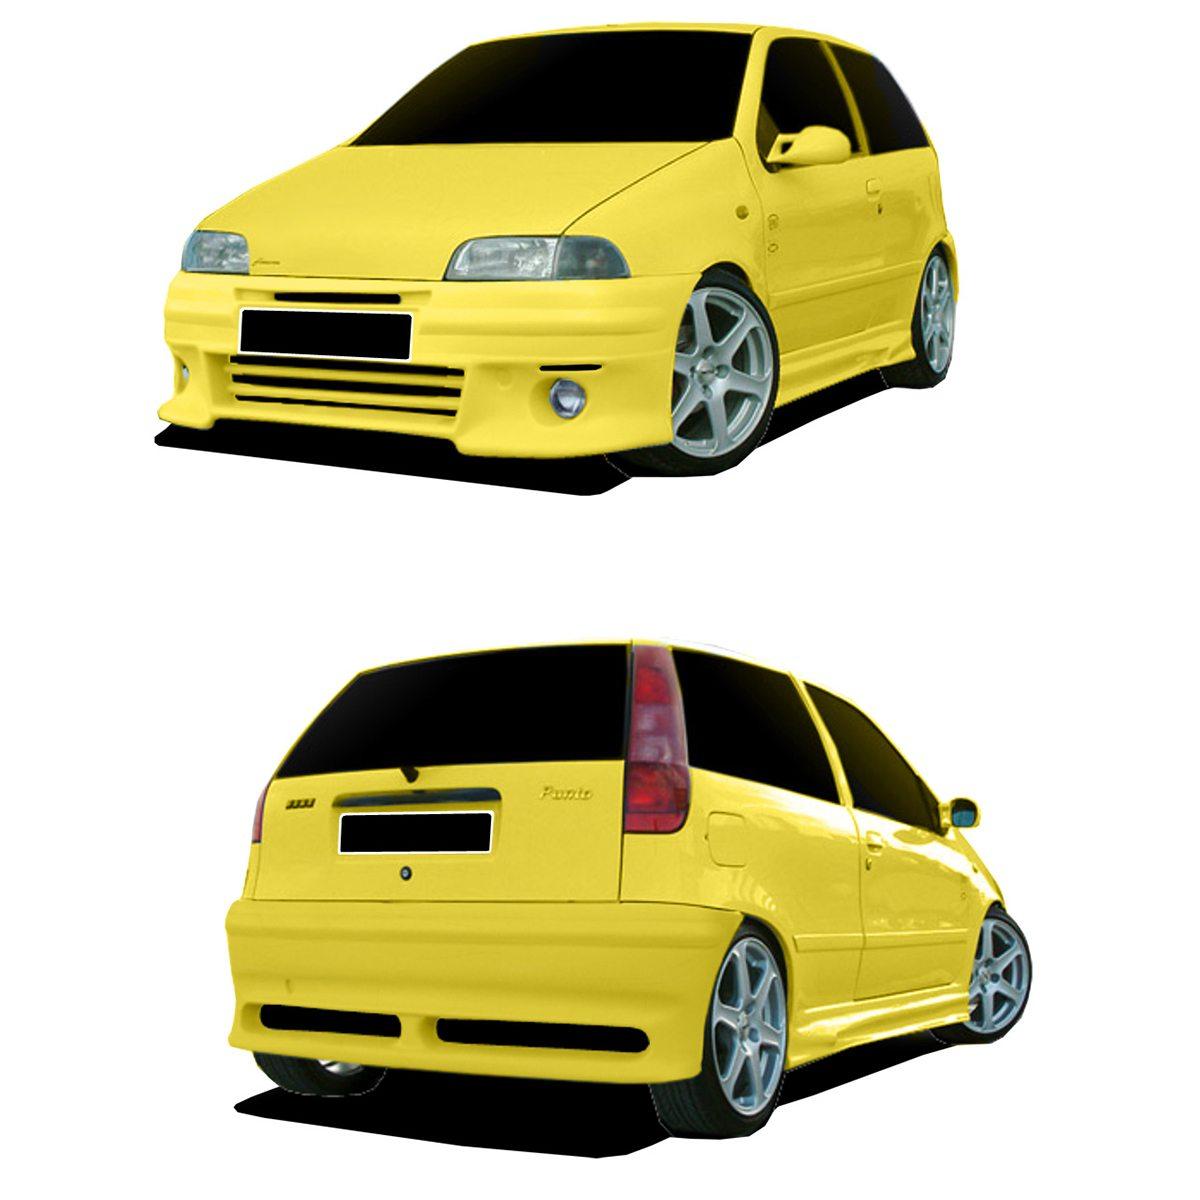 Fiat-Punto-Spyder-II-KIT-QTU003